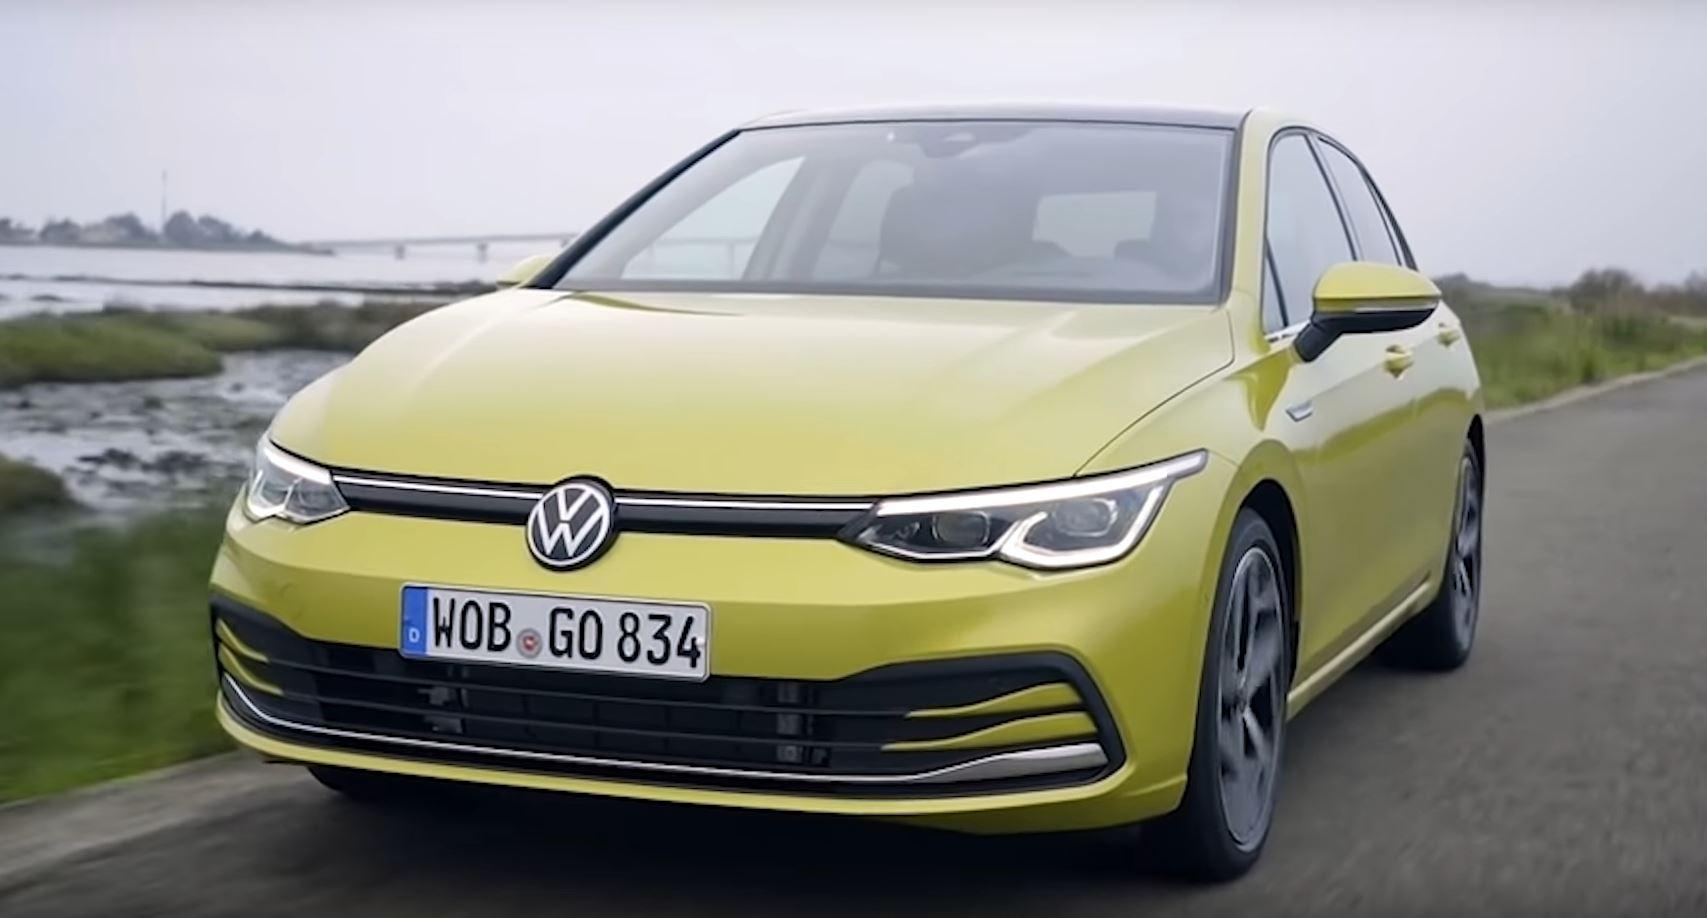 Prvi testovi sugerišu da je VW Golf 8 šampion svestranosti (VIDEO)